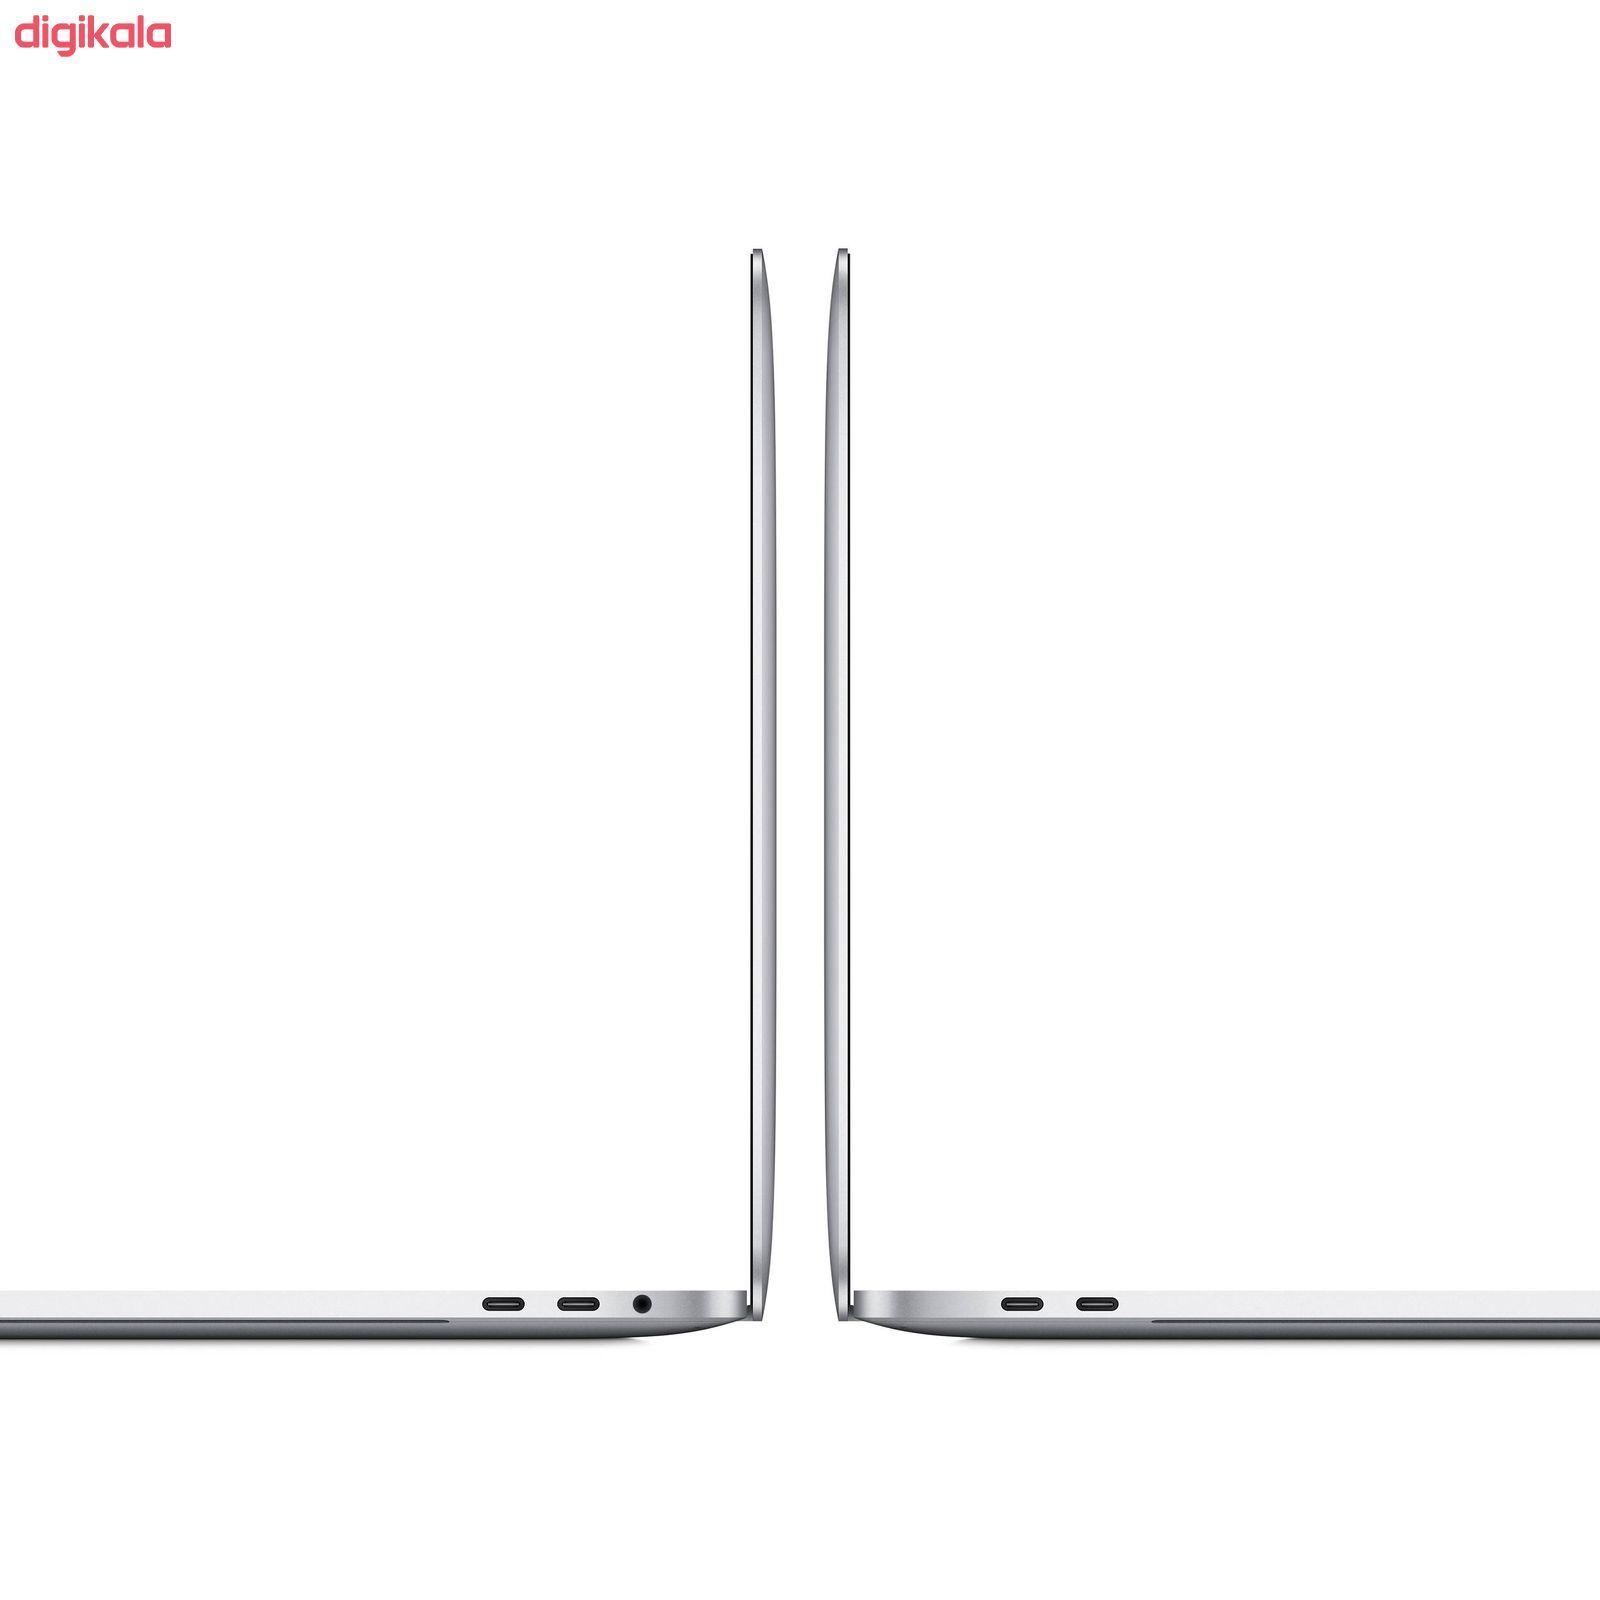 لپ تاپ 13 اینچی اپل مدل MacBook Pro MWP82 2020 همراه با تاچ بار  main 1 3